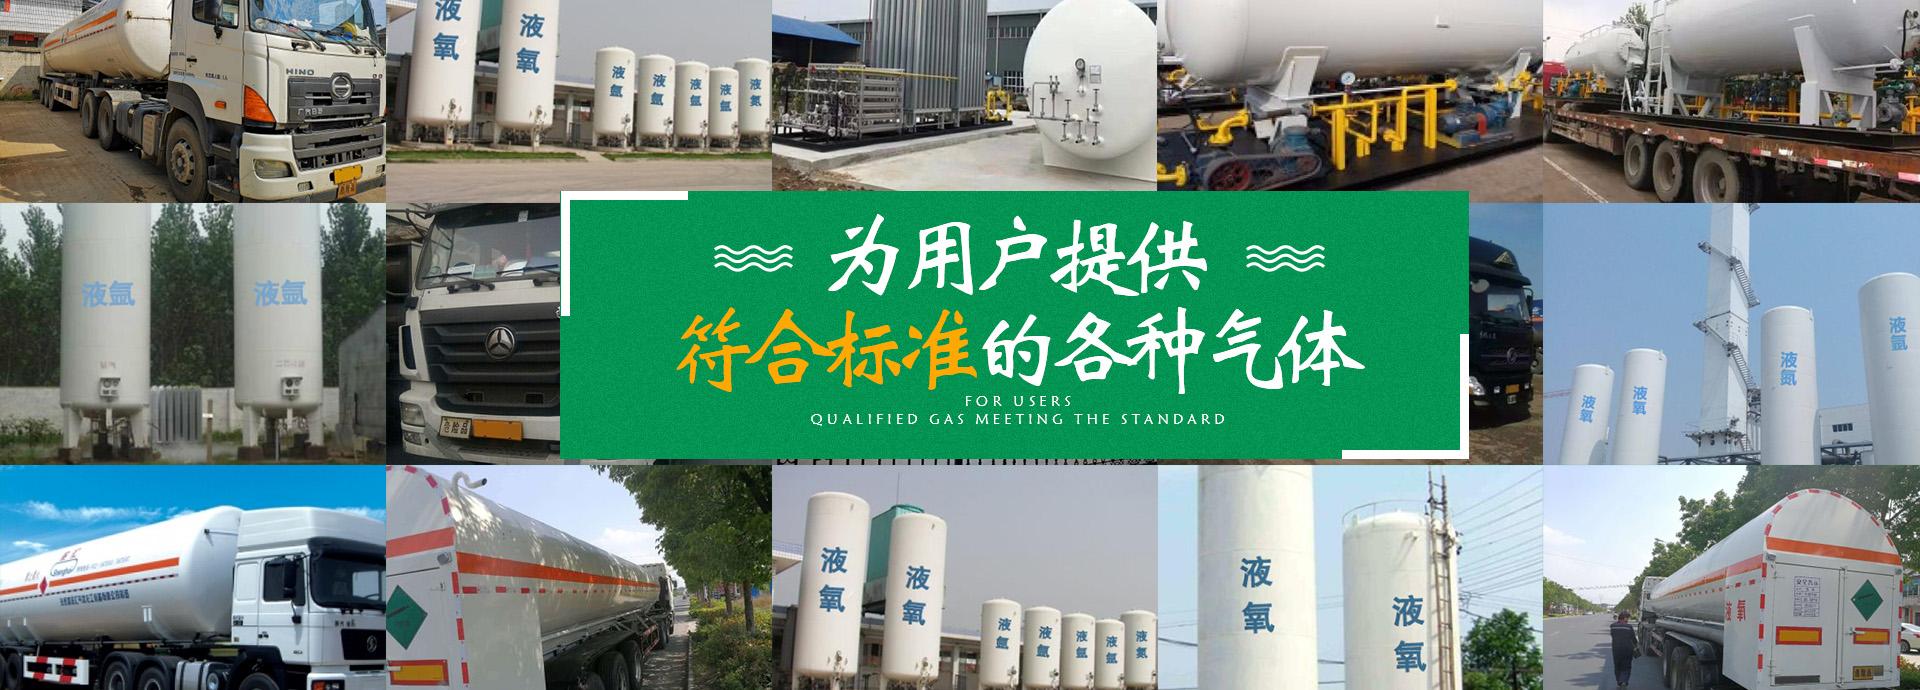 淄博科瑞达化工有限公司是集液氮,液氧,液氩贸易、运输、储存、质检为一体的现代化综合性企业